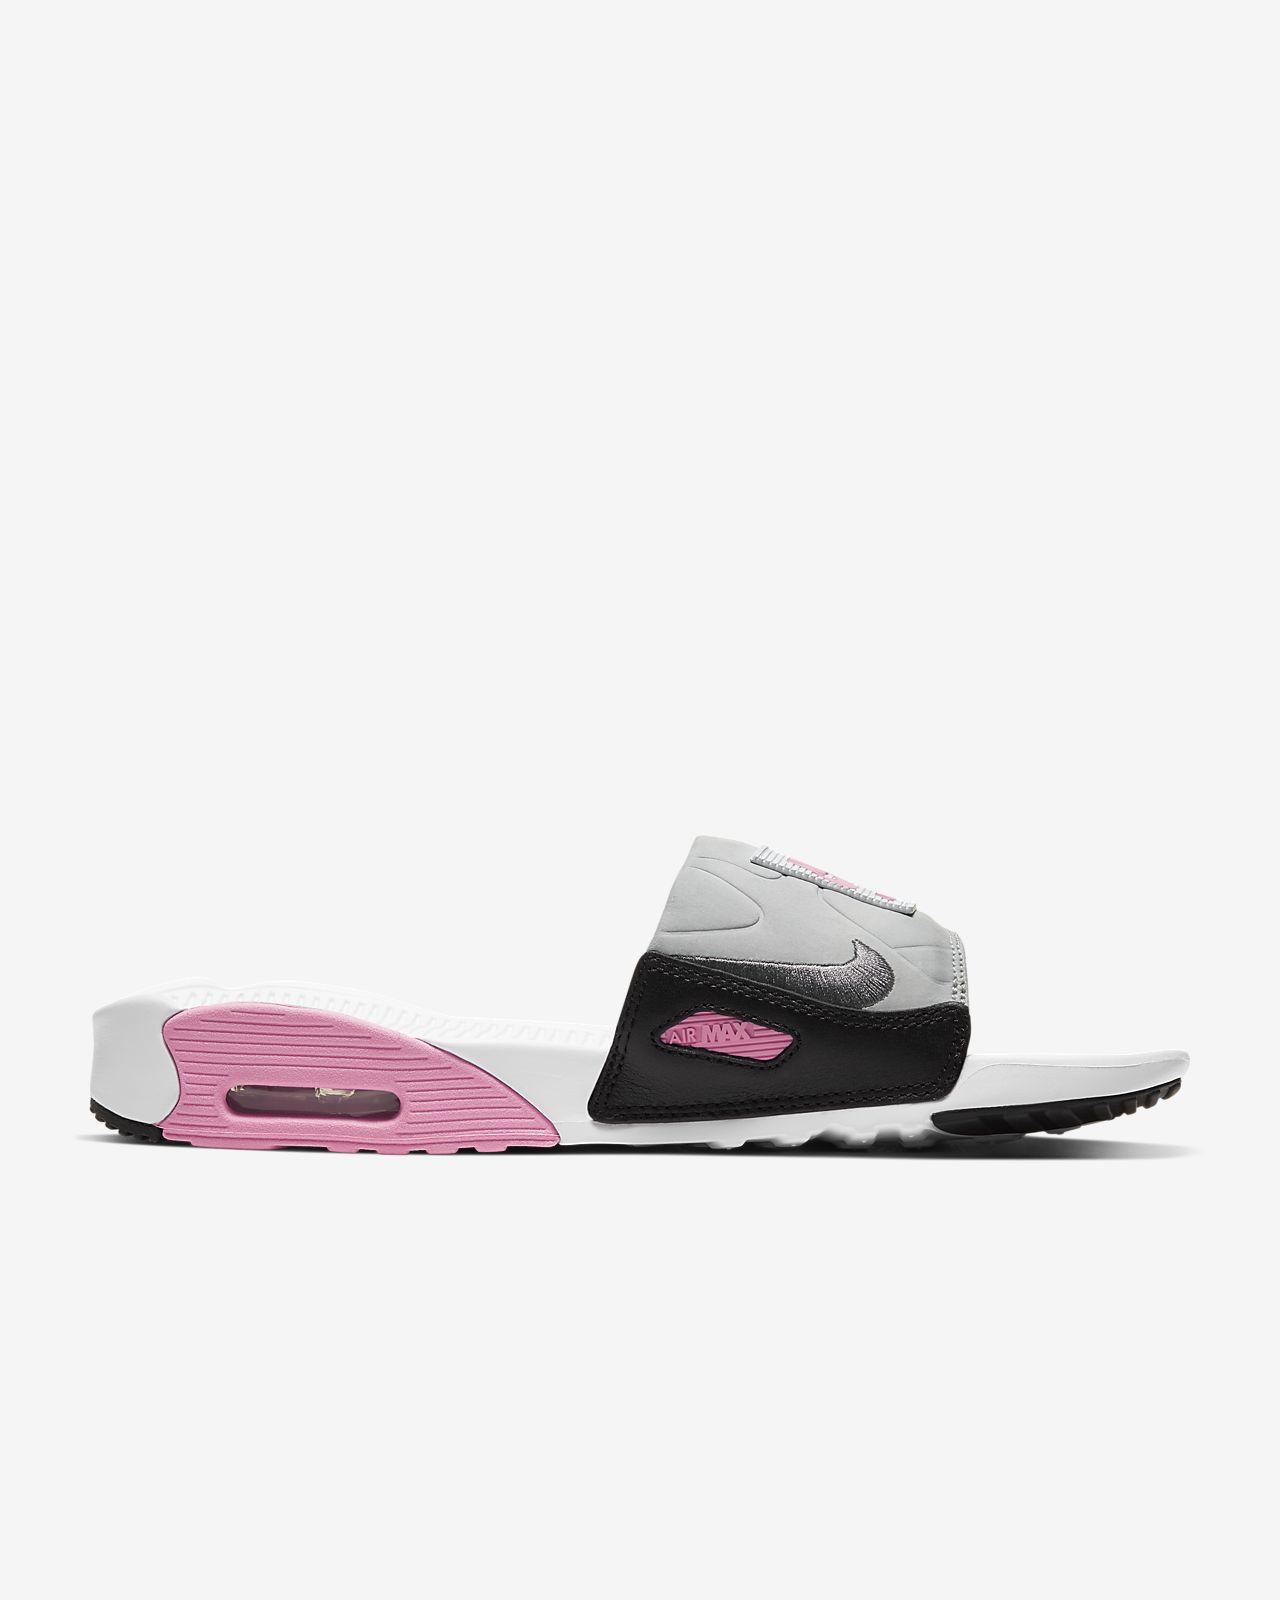 nike air max 90 slides womens